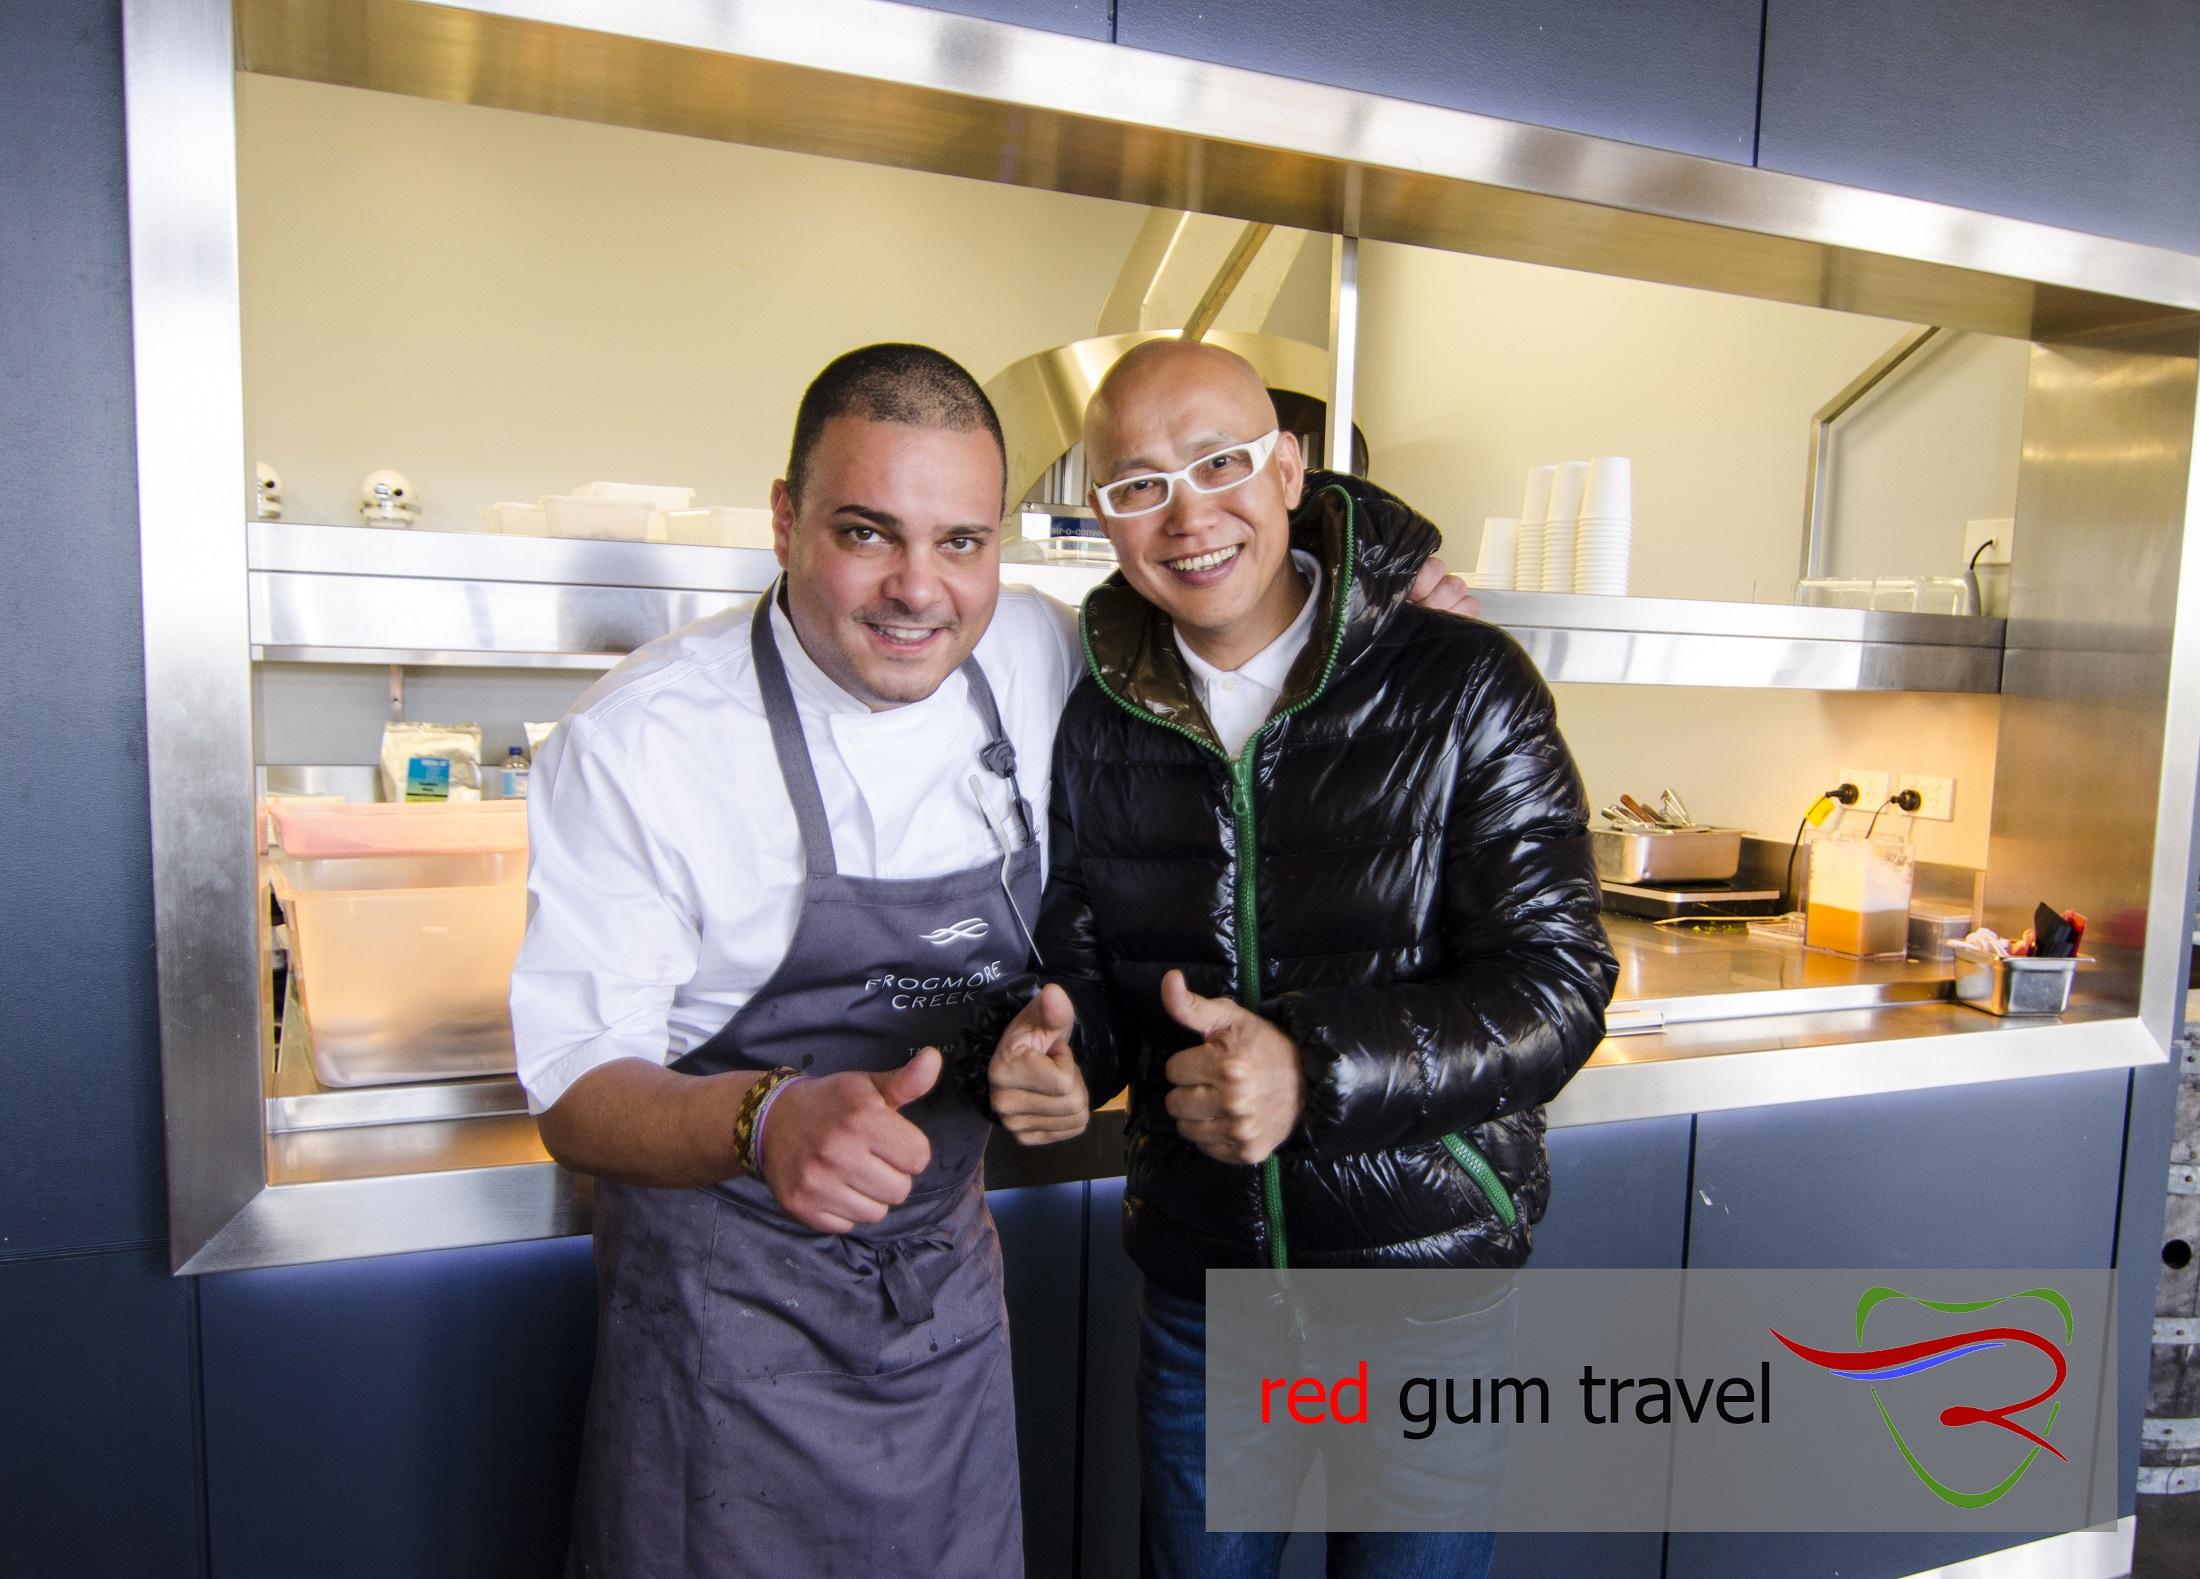 Chee & Frogmore Creek Chef Rueben